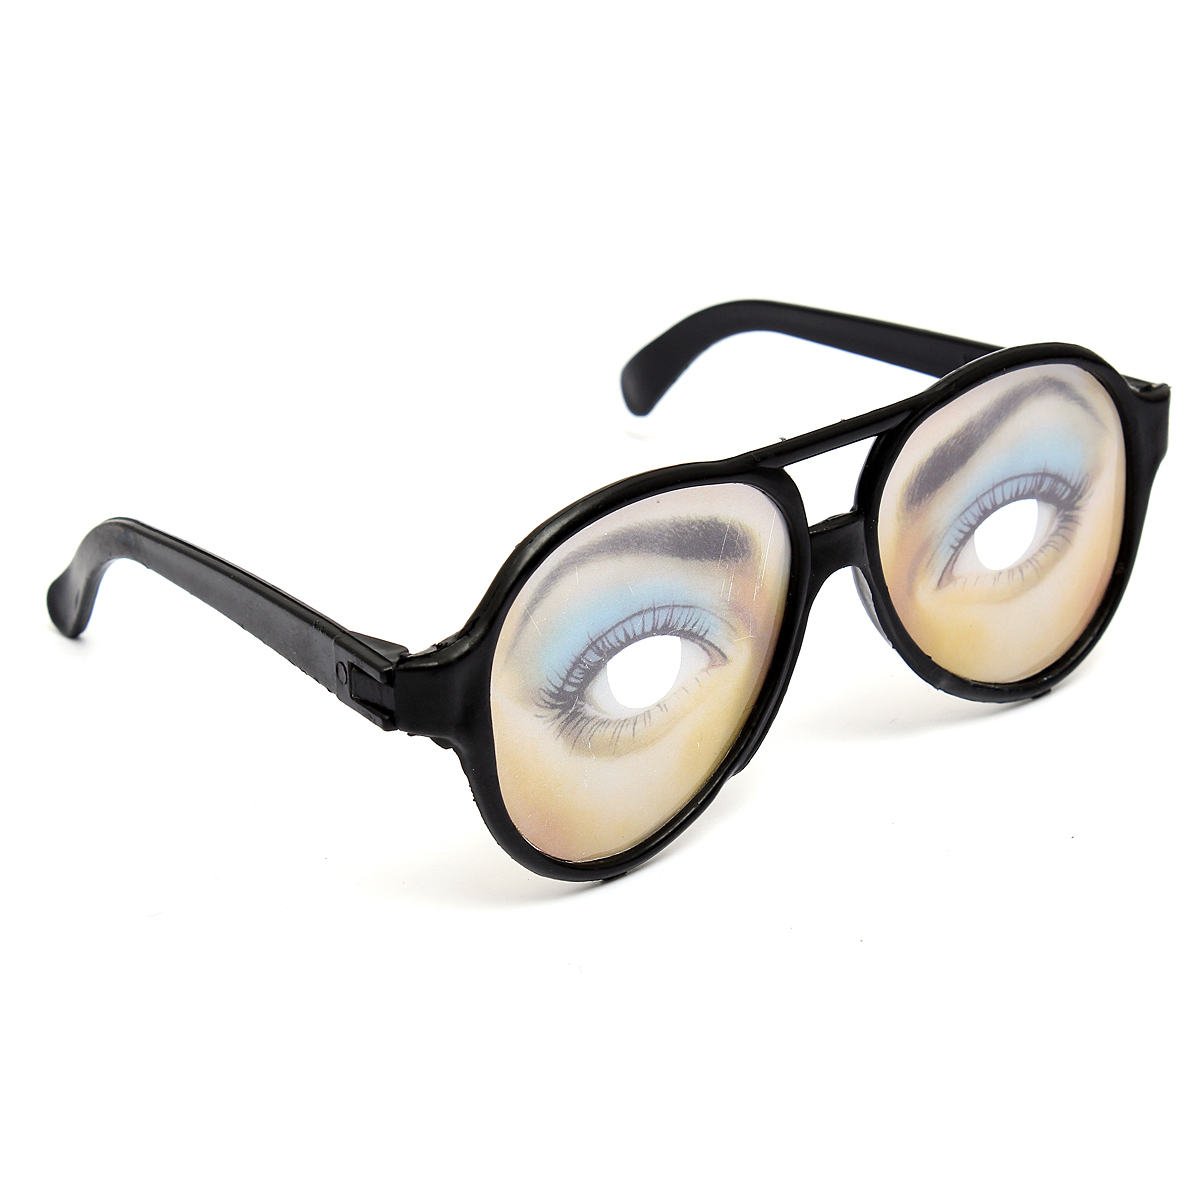 eye glasses big frame joke fancy dress